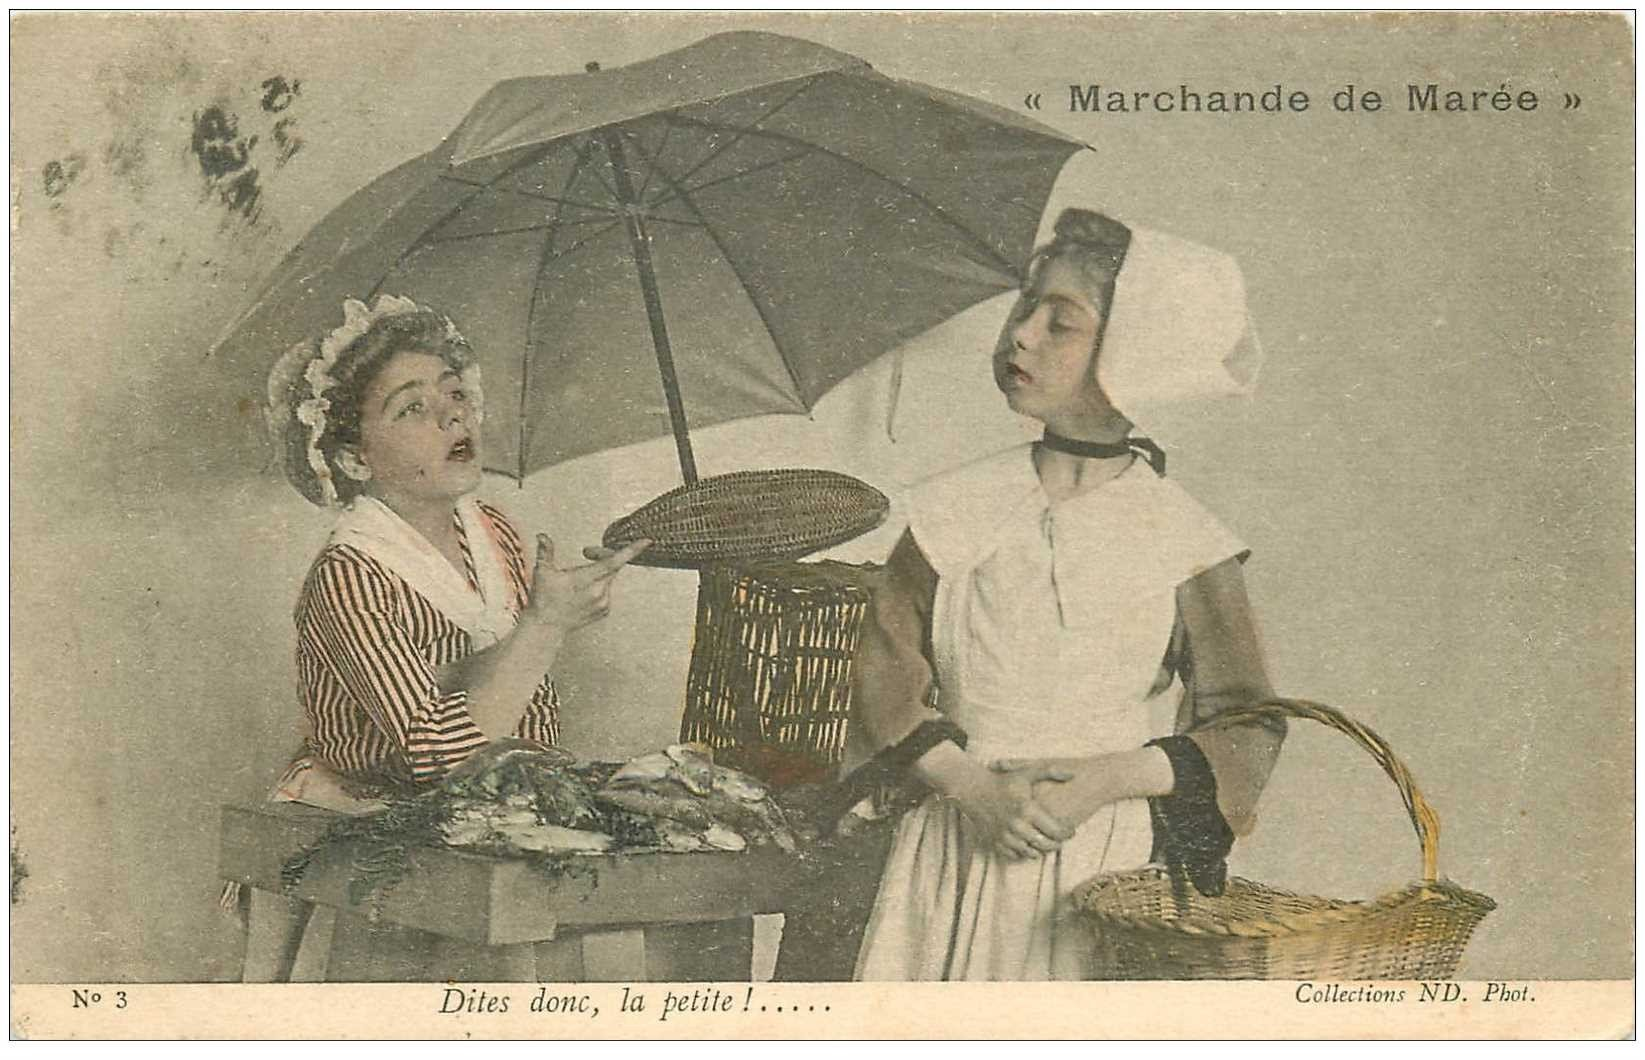 carte postale ancienne METIERS. La Marchande de Marée Poissonnière 1905. Dîtes donc la petite !...